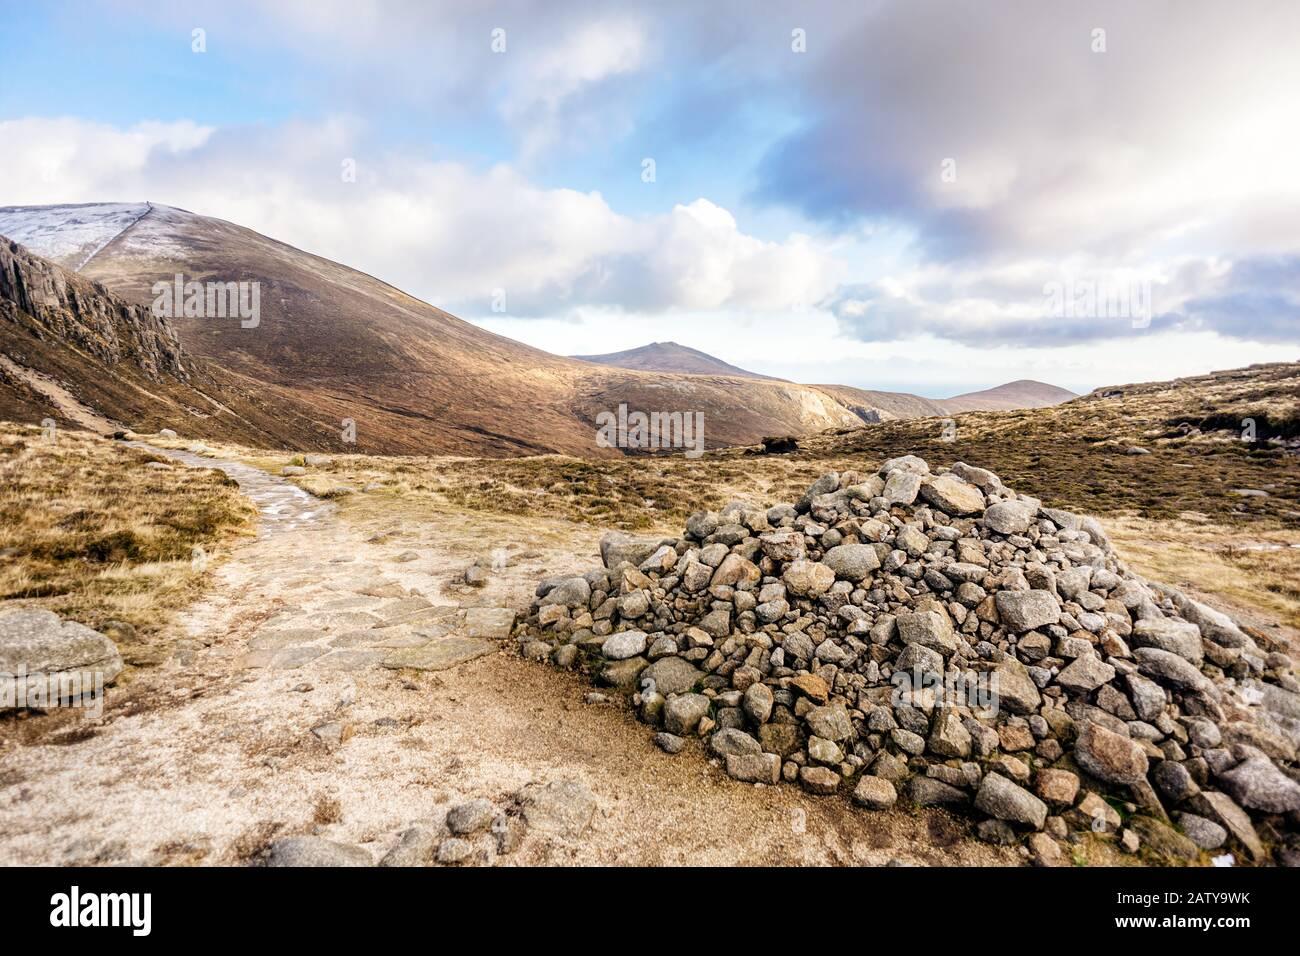 Fußweg zum schneebedeckten Gipfel des Berges Slieve Donard. Steinhaufen in Mourn Mountains, der dramatischsten und höchsten Reichweite in Nordirland Stockfoto